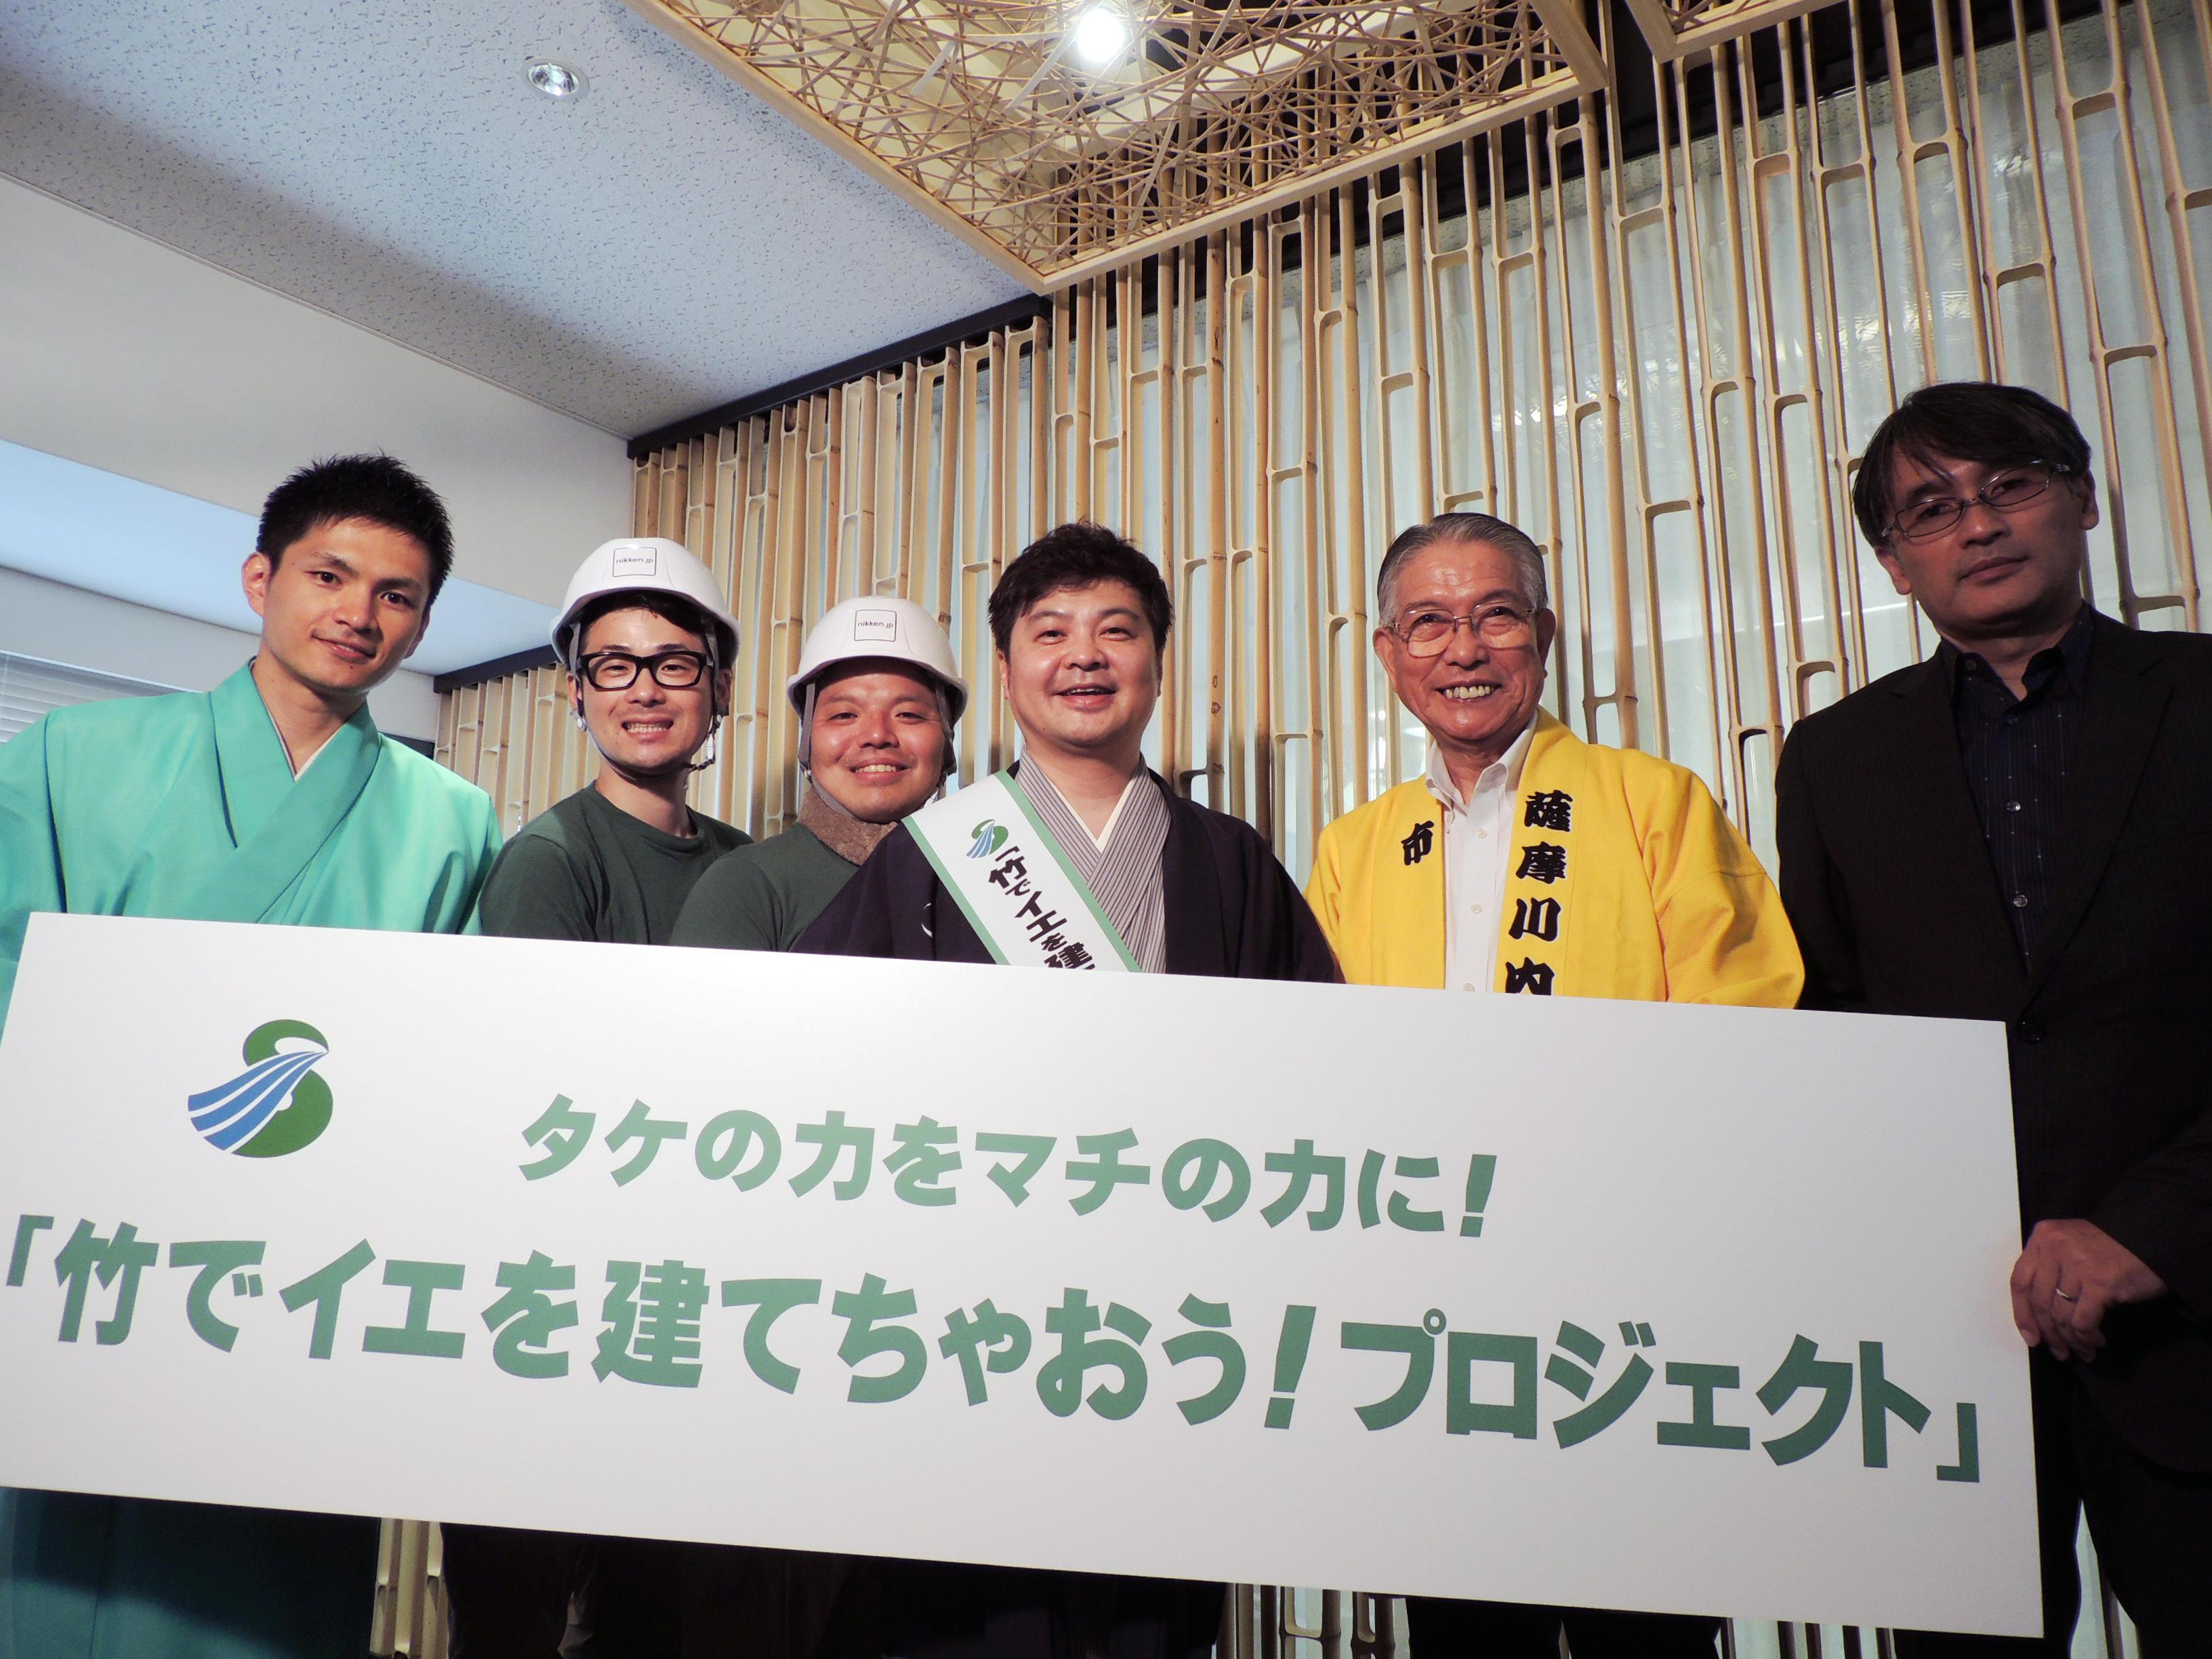 http://news.yoshimoto.co.jp/20160809000414-33a21b3a6ef12673e56db89f5dd7b6c7647cf49e.jpg